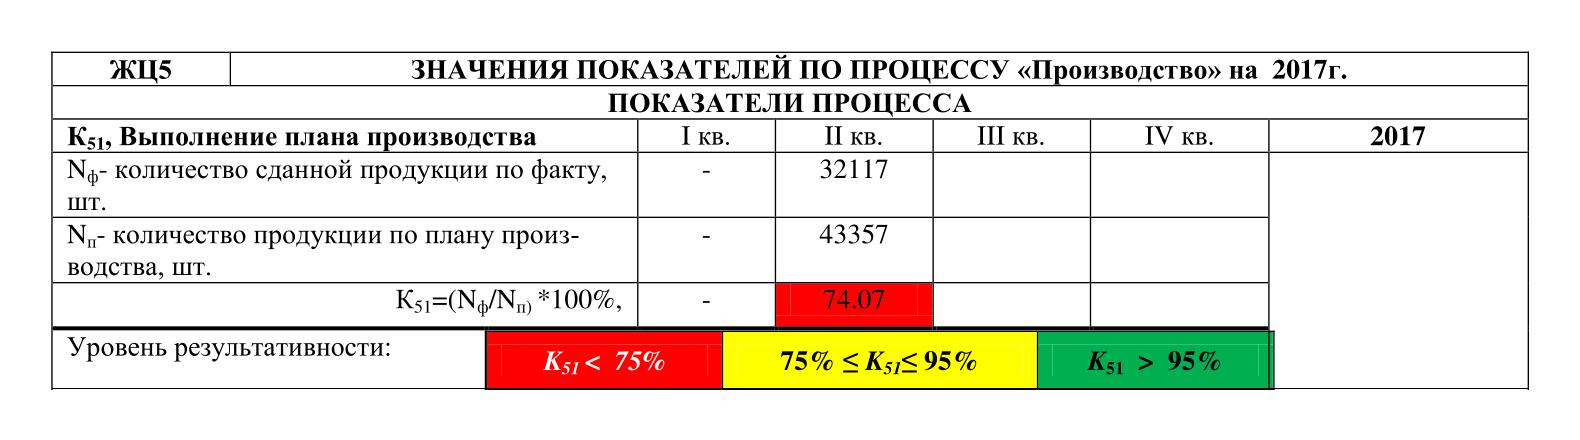 Таблица мониторинга процесса «Производство» и корректирующие действия (pdf откроется по клику)